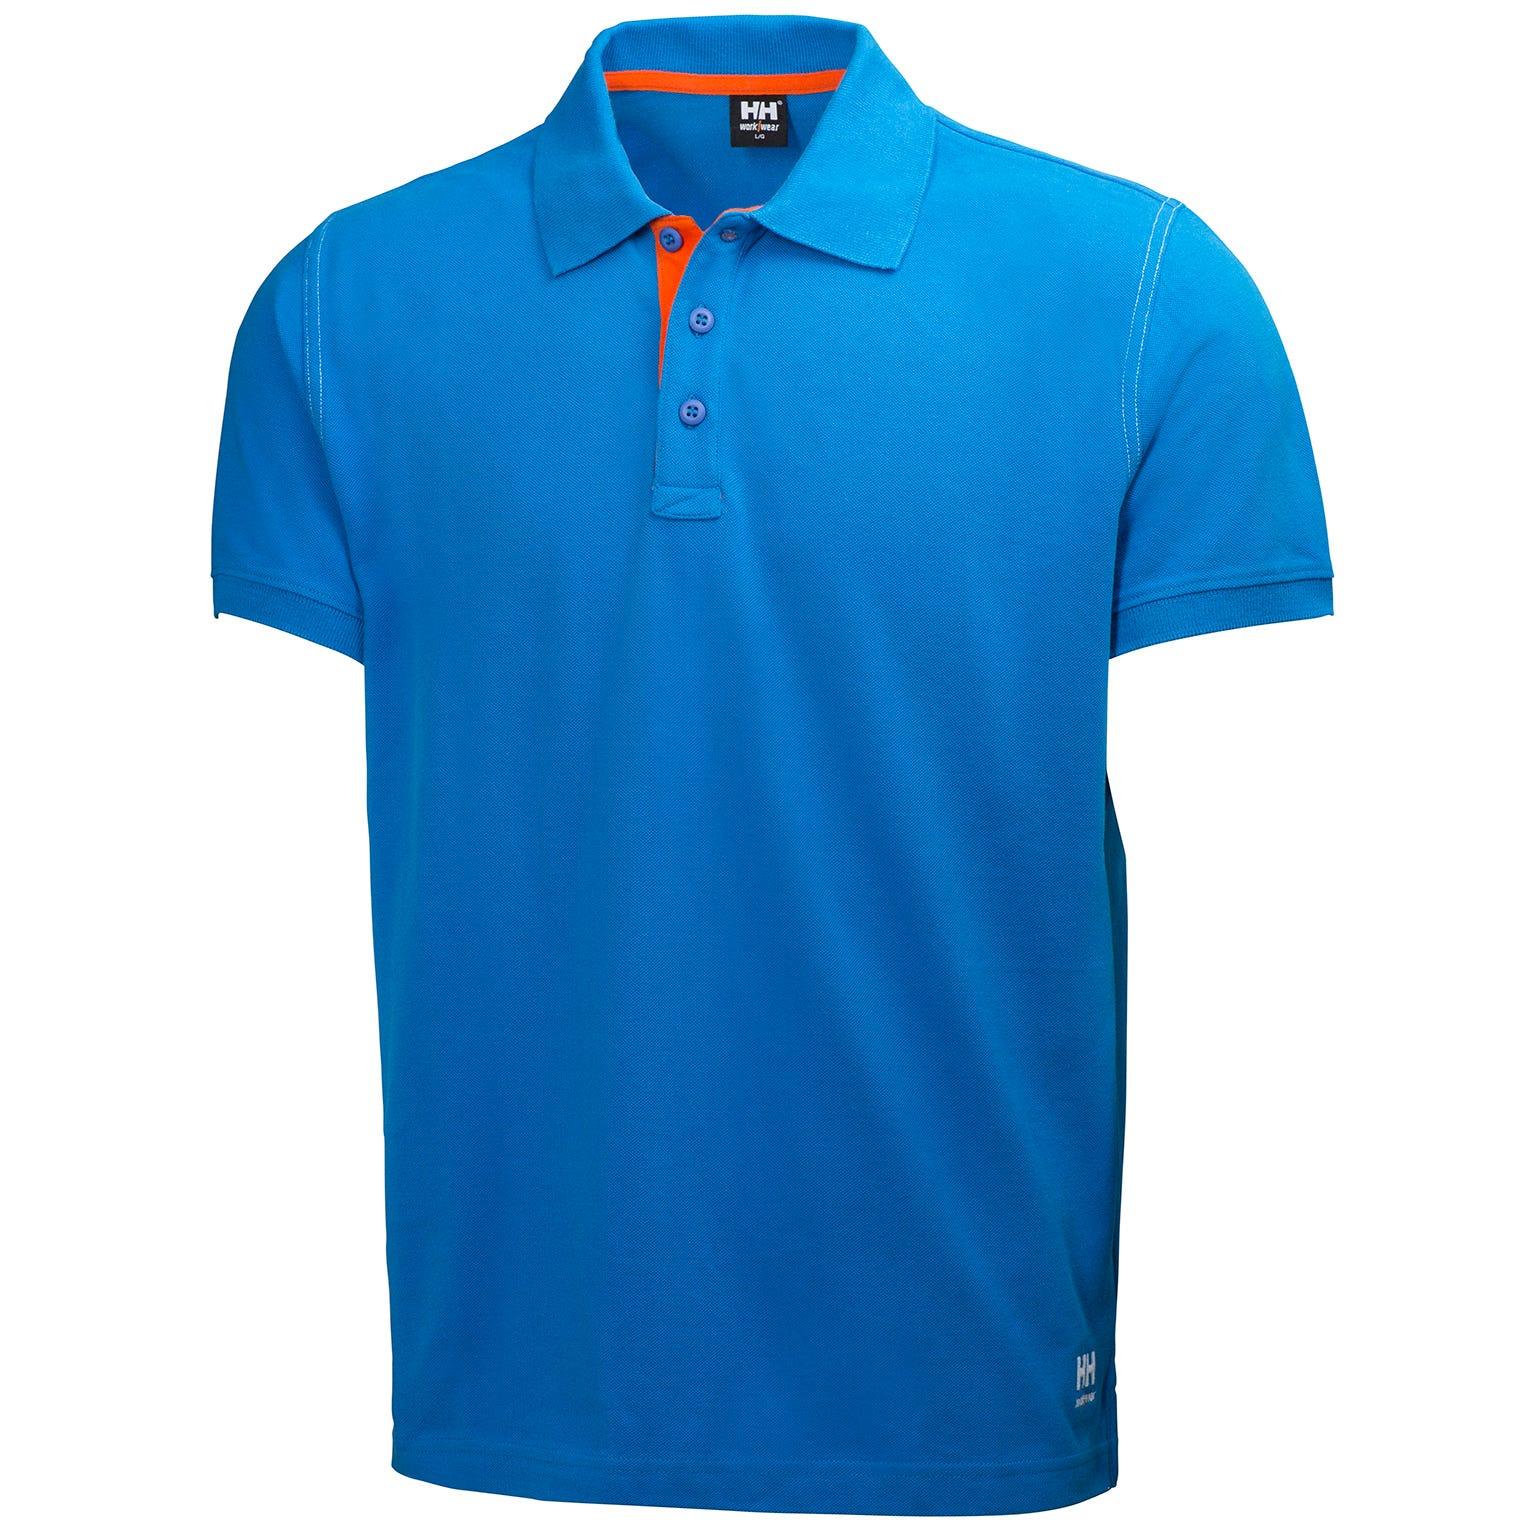 Helly Hansen T-shirt 79025 Oxford Polo 530 Racer Bleu